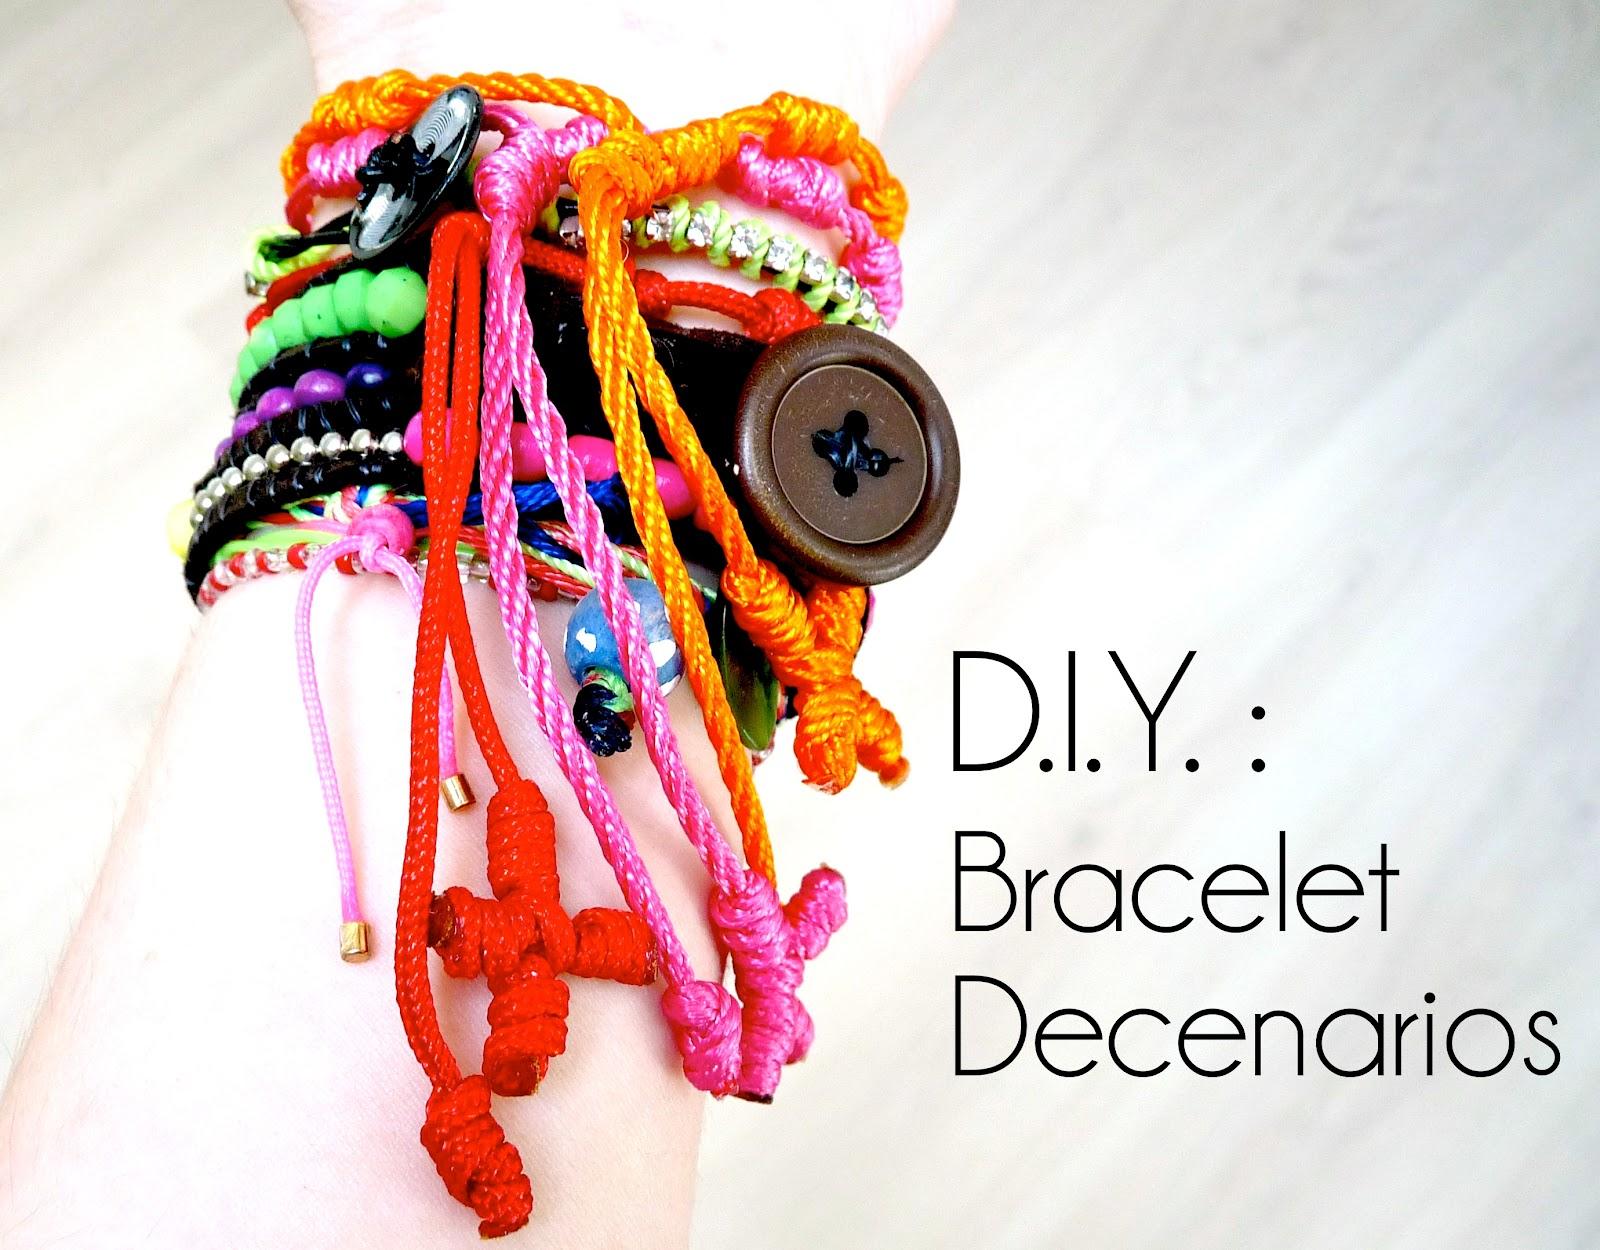 tutoriel vidéo - d.i.y. : comment faire un bracelet decenarios | diy